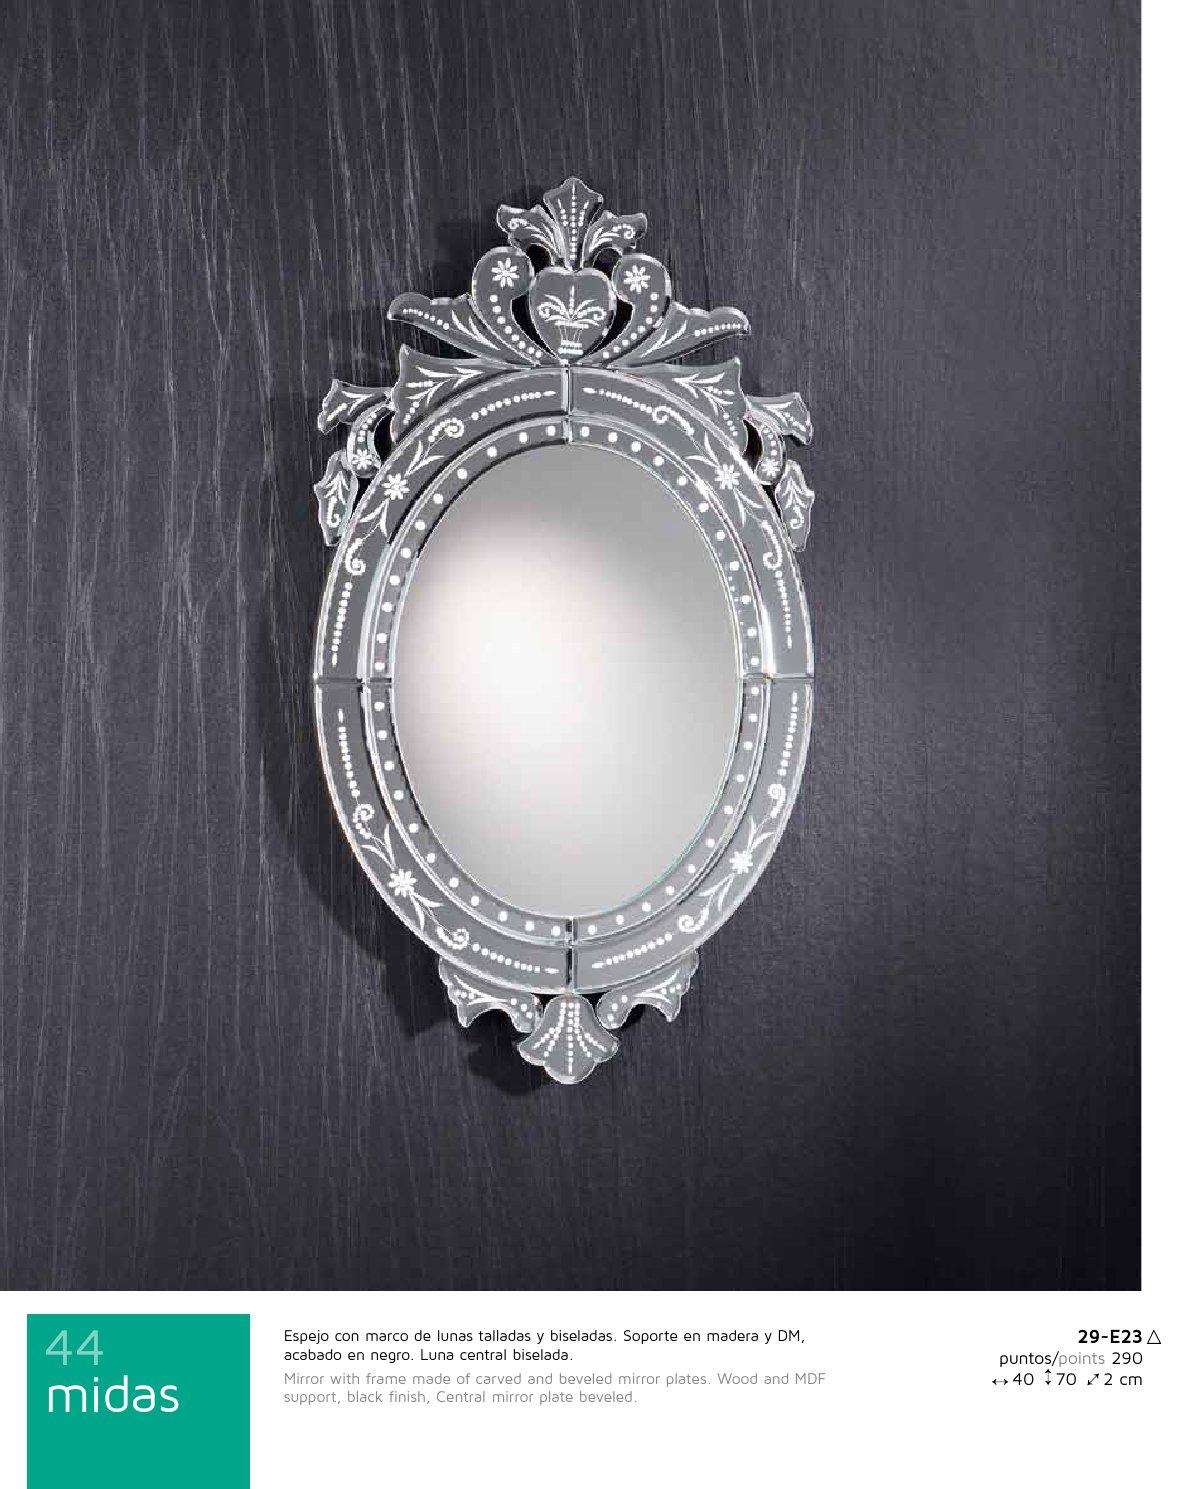 Schuller midas miroir 40x70cm 29 e23 l mparas de dise o for Schuller miroir